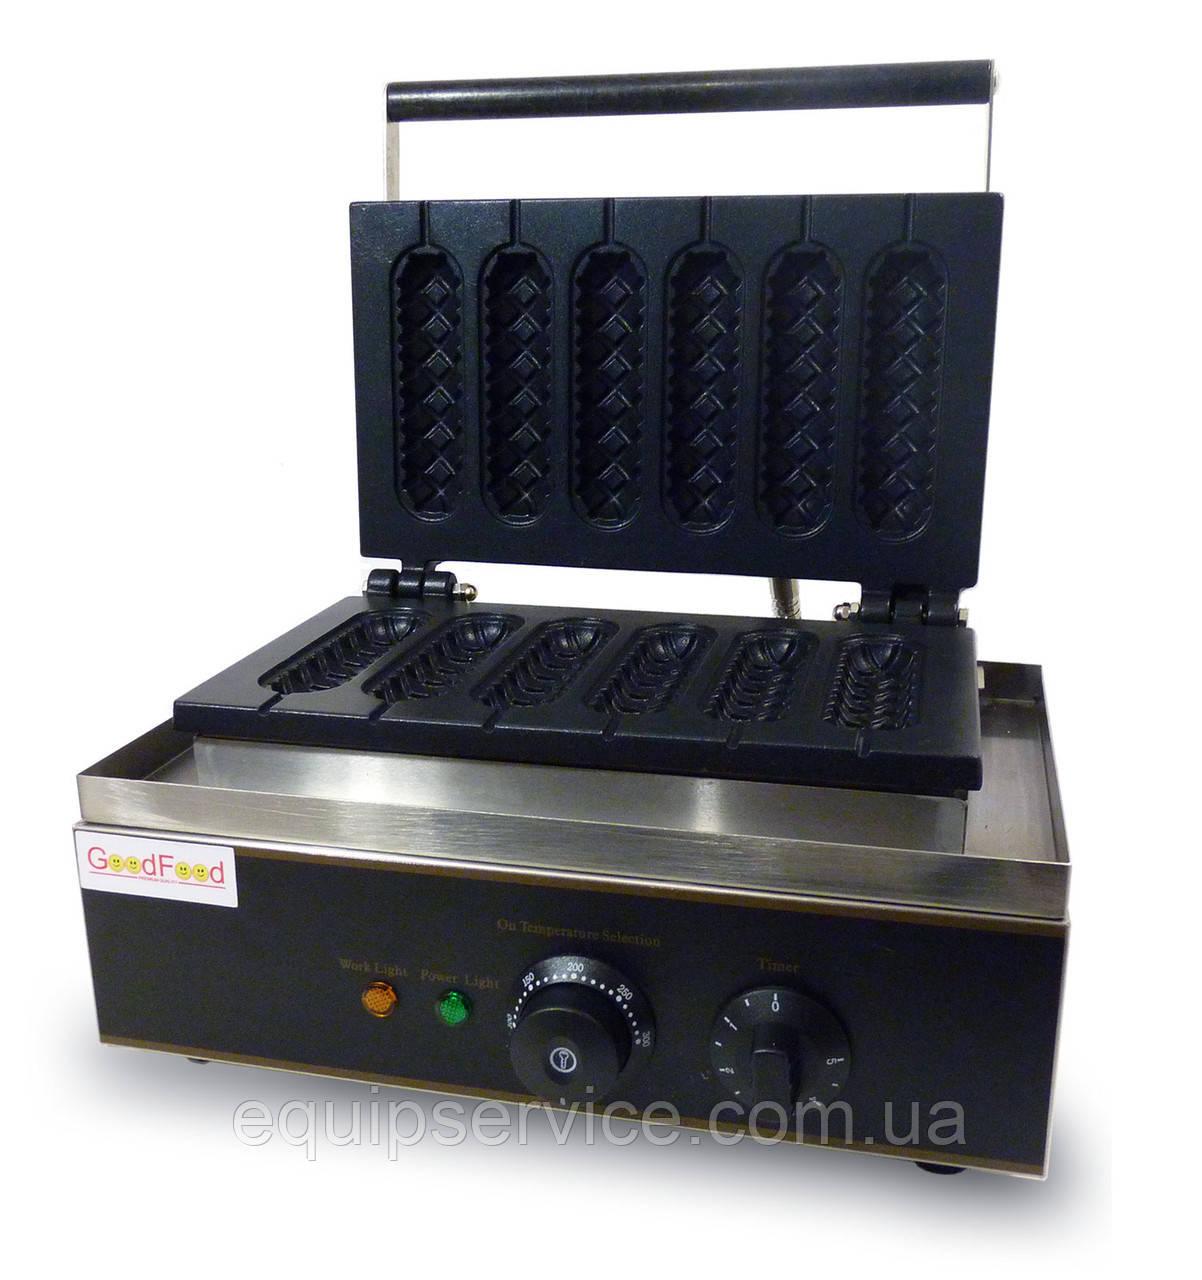 Аппарат для приготовления сосисок в тесте КОРН-ДОГ GoodFood CM6